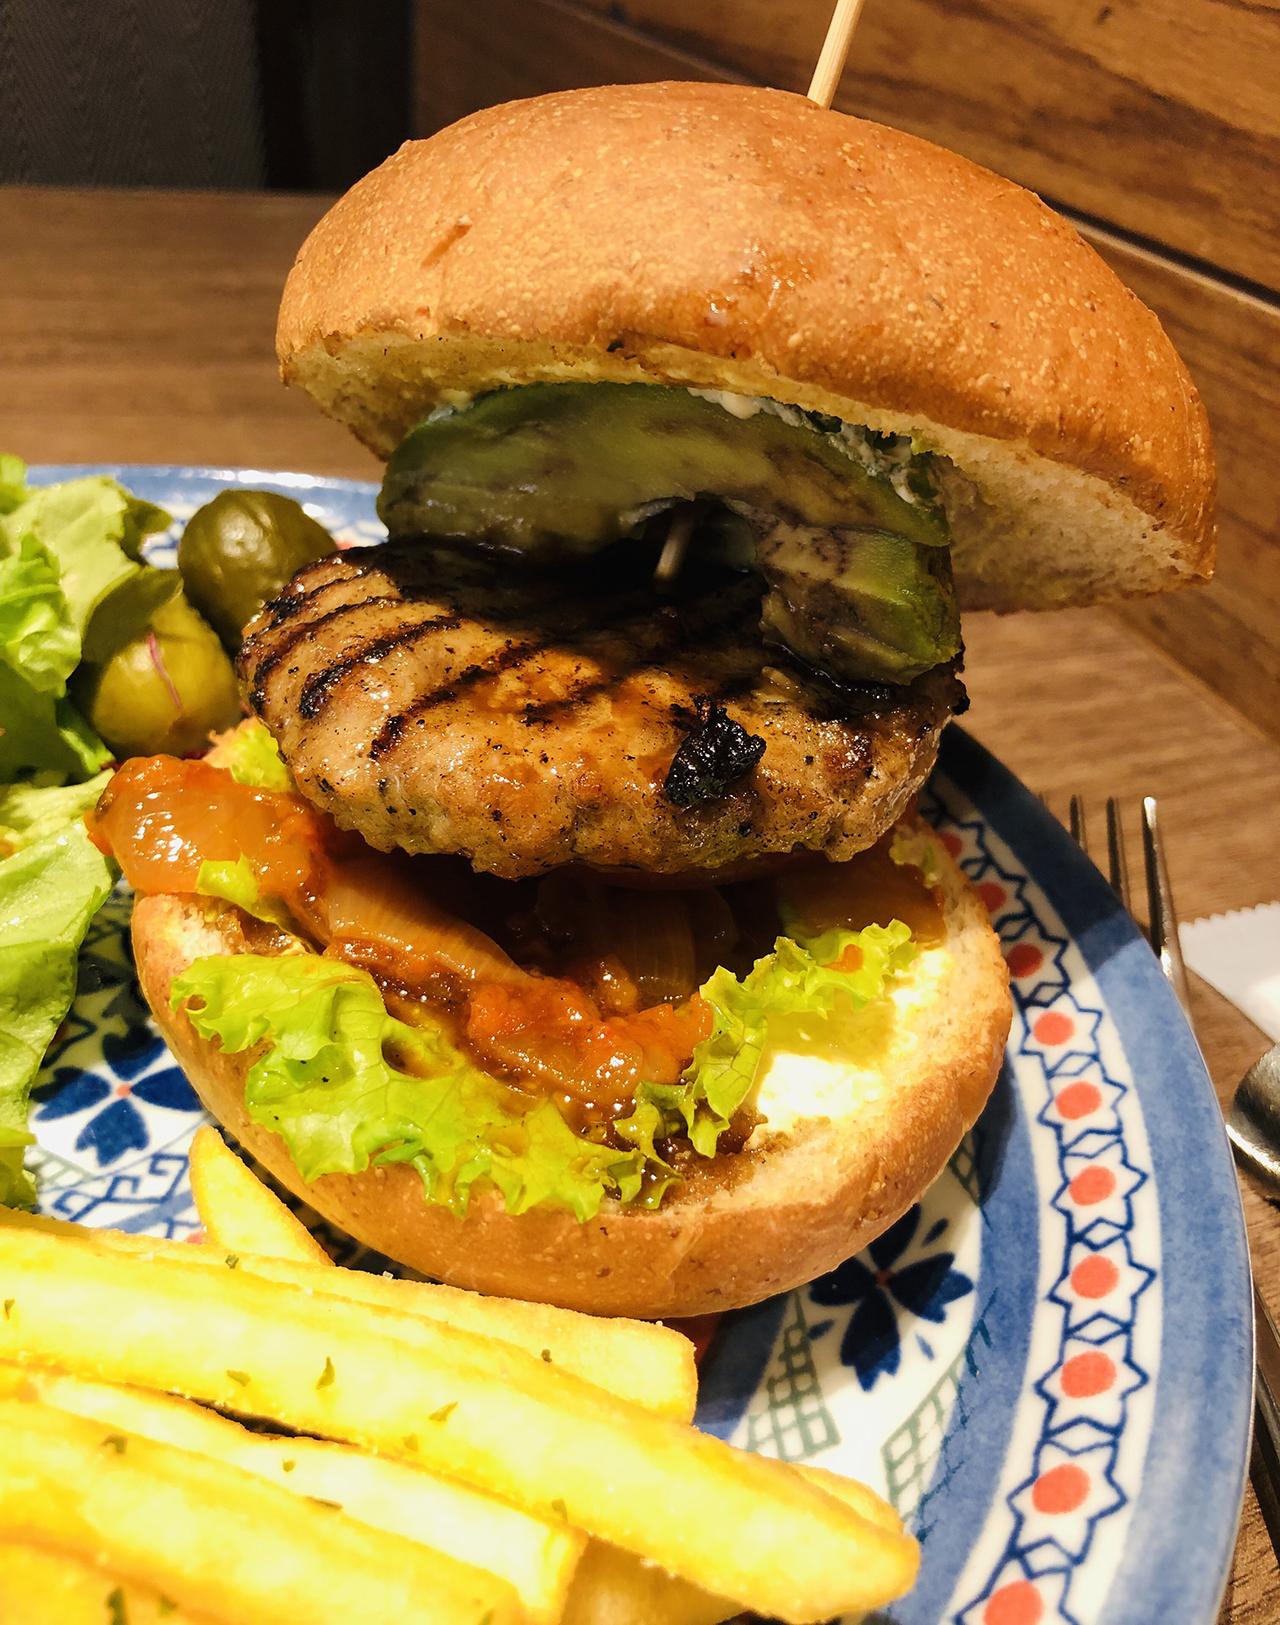 アボカドハンバーガーのアップ写真